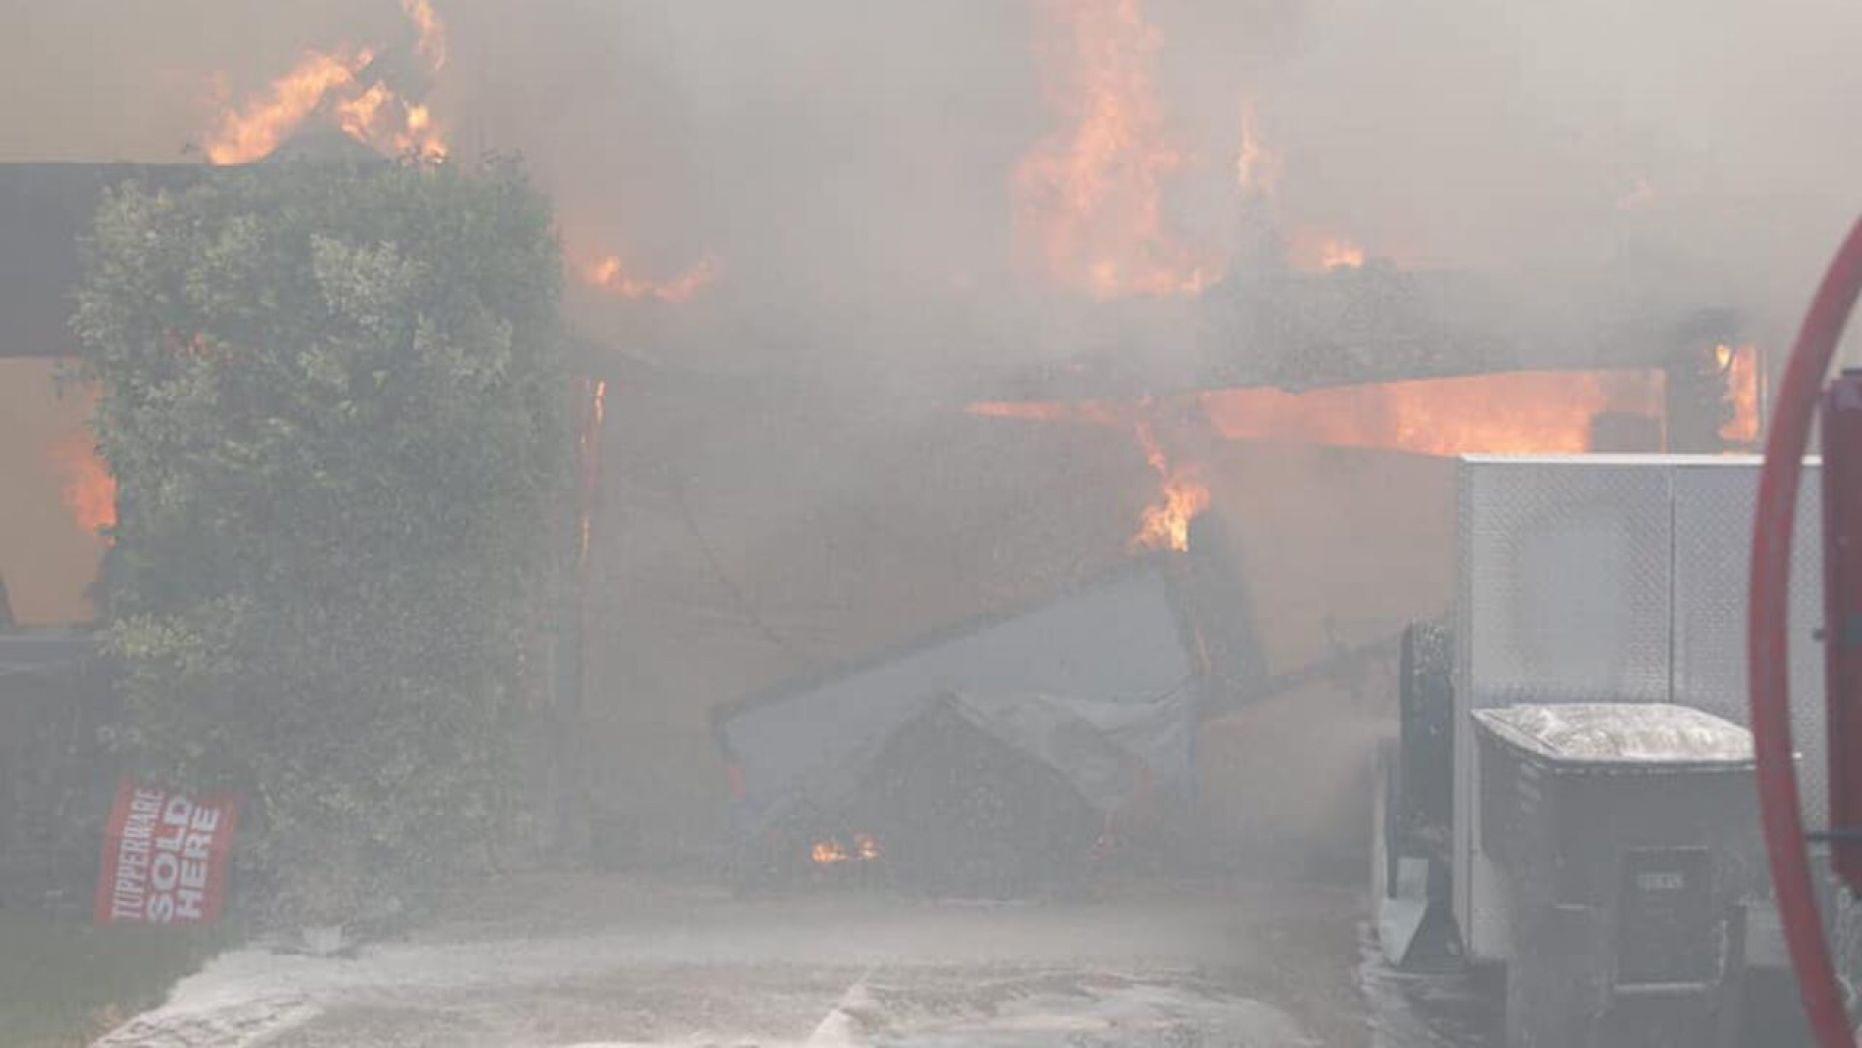 Hình ảnh hai ngôi nhà ngập trong lửa (Suisun City Police Department)